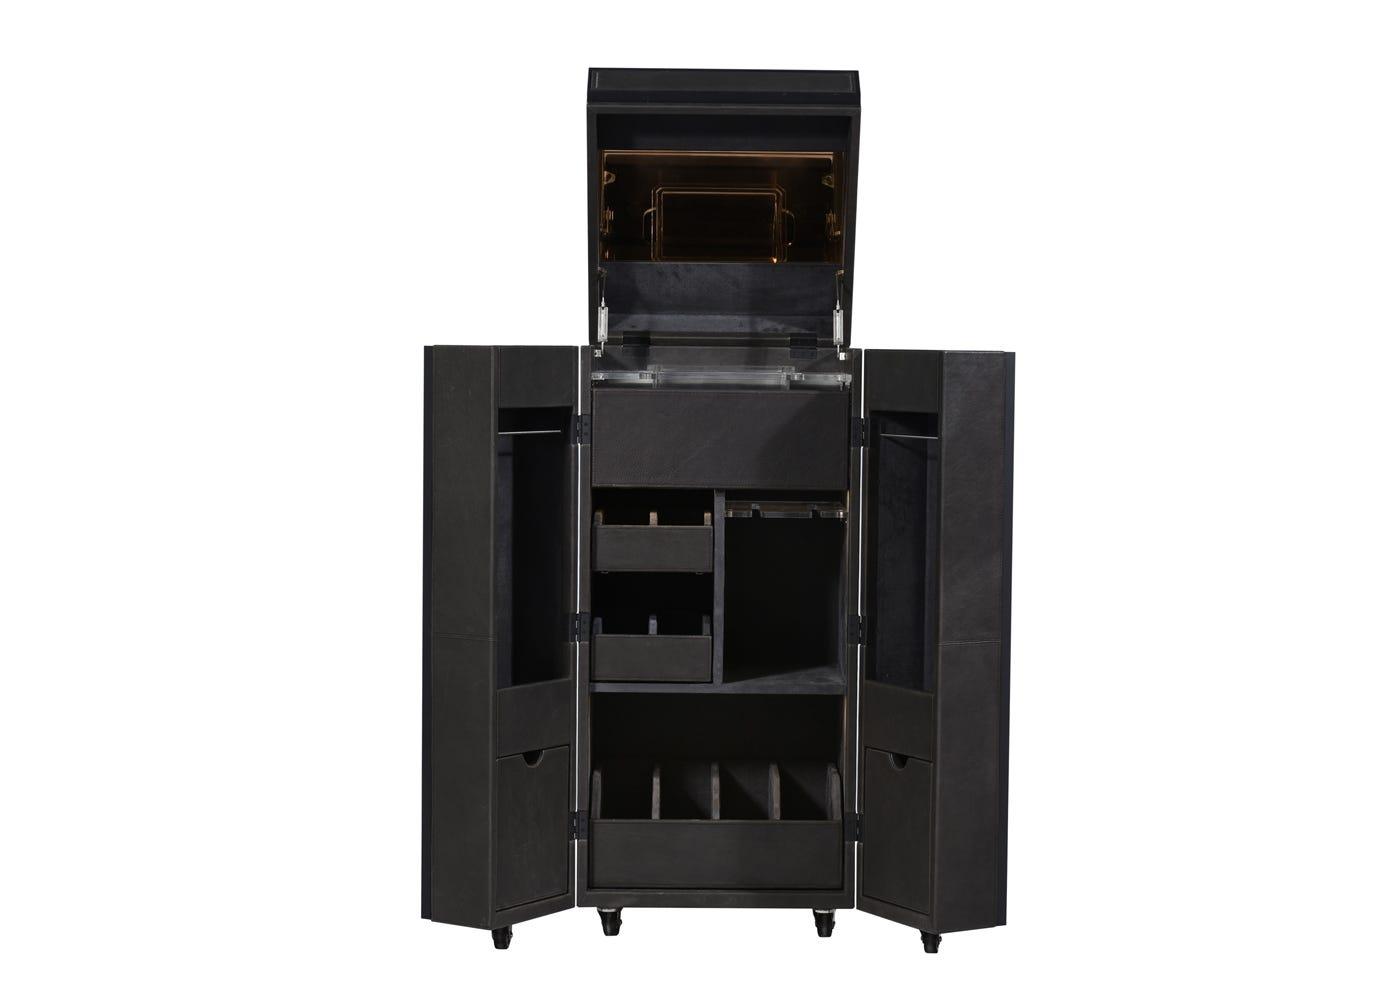 Monaco bar cabinet open